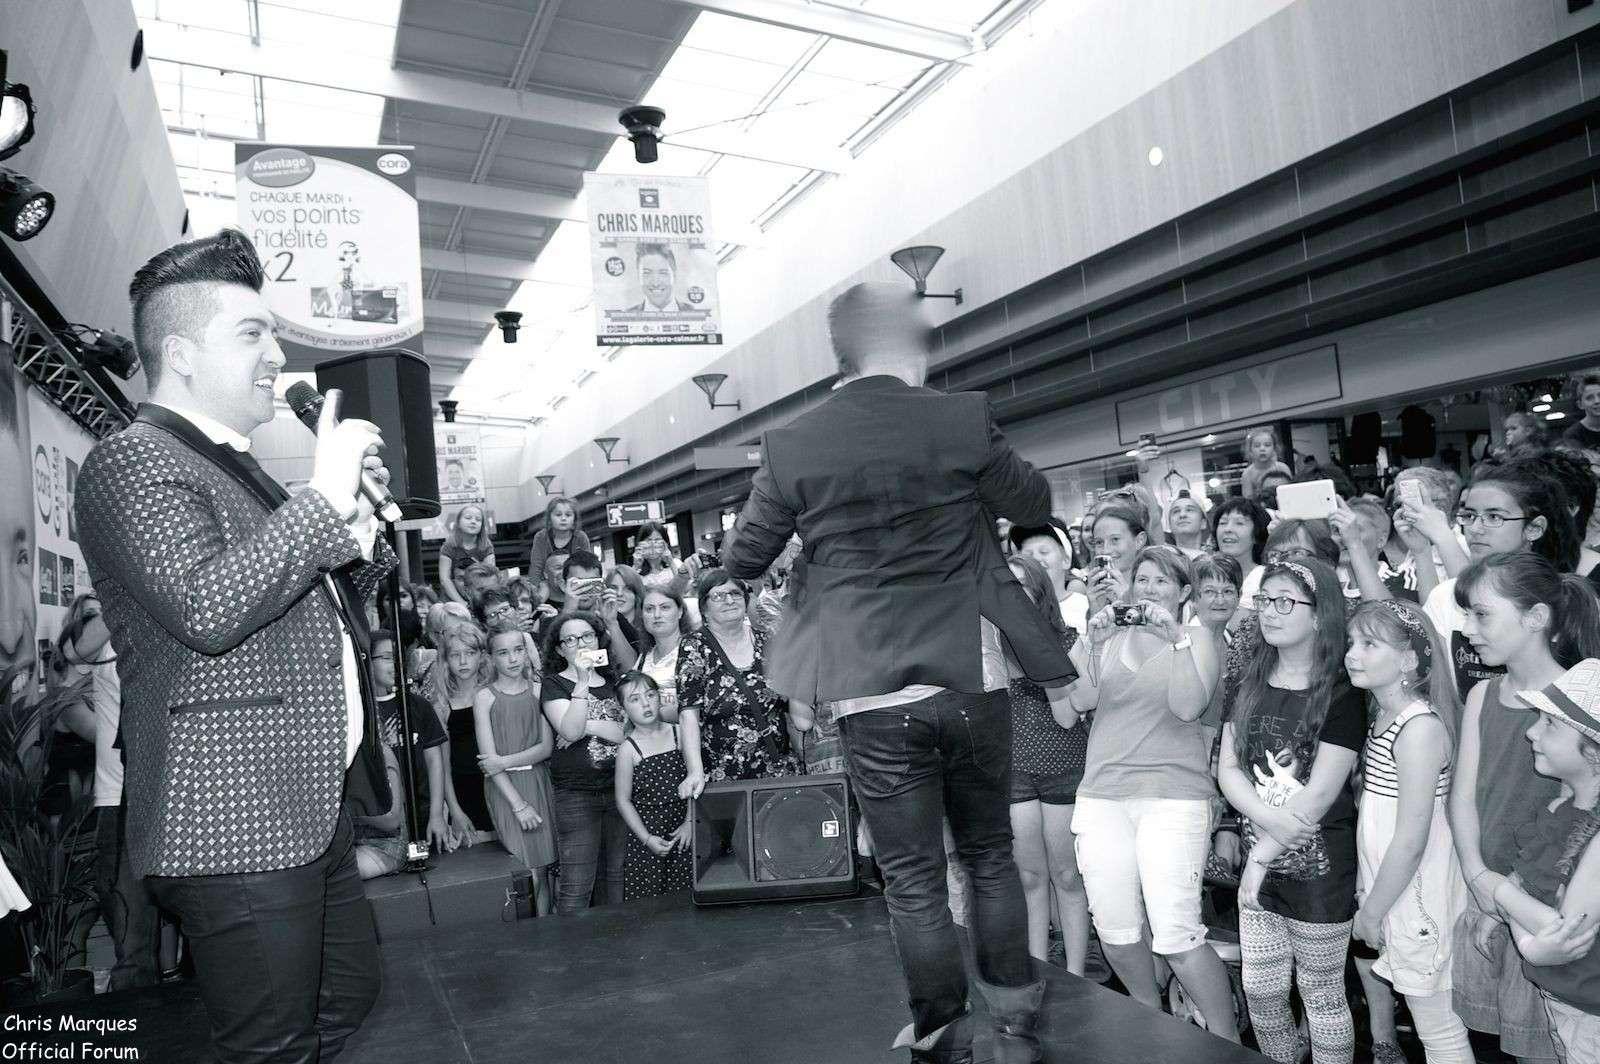 [14.06.2014] Evénement à #Colmar Chris Marques et Jaclyn Spencer pour un Flashmob/Cours de Danse/Dédicaces exceptionnels le tout organisé par la MJC de Colmar 10111